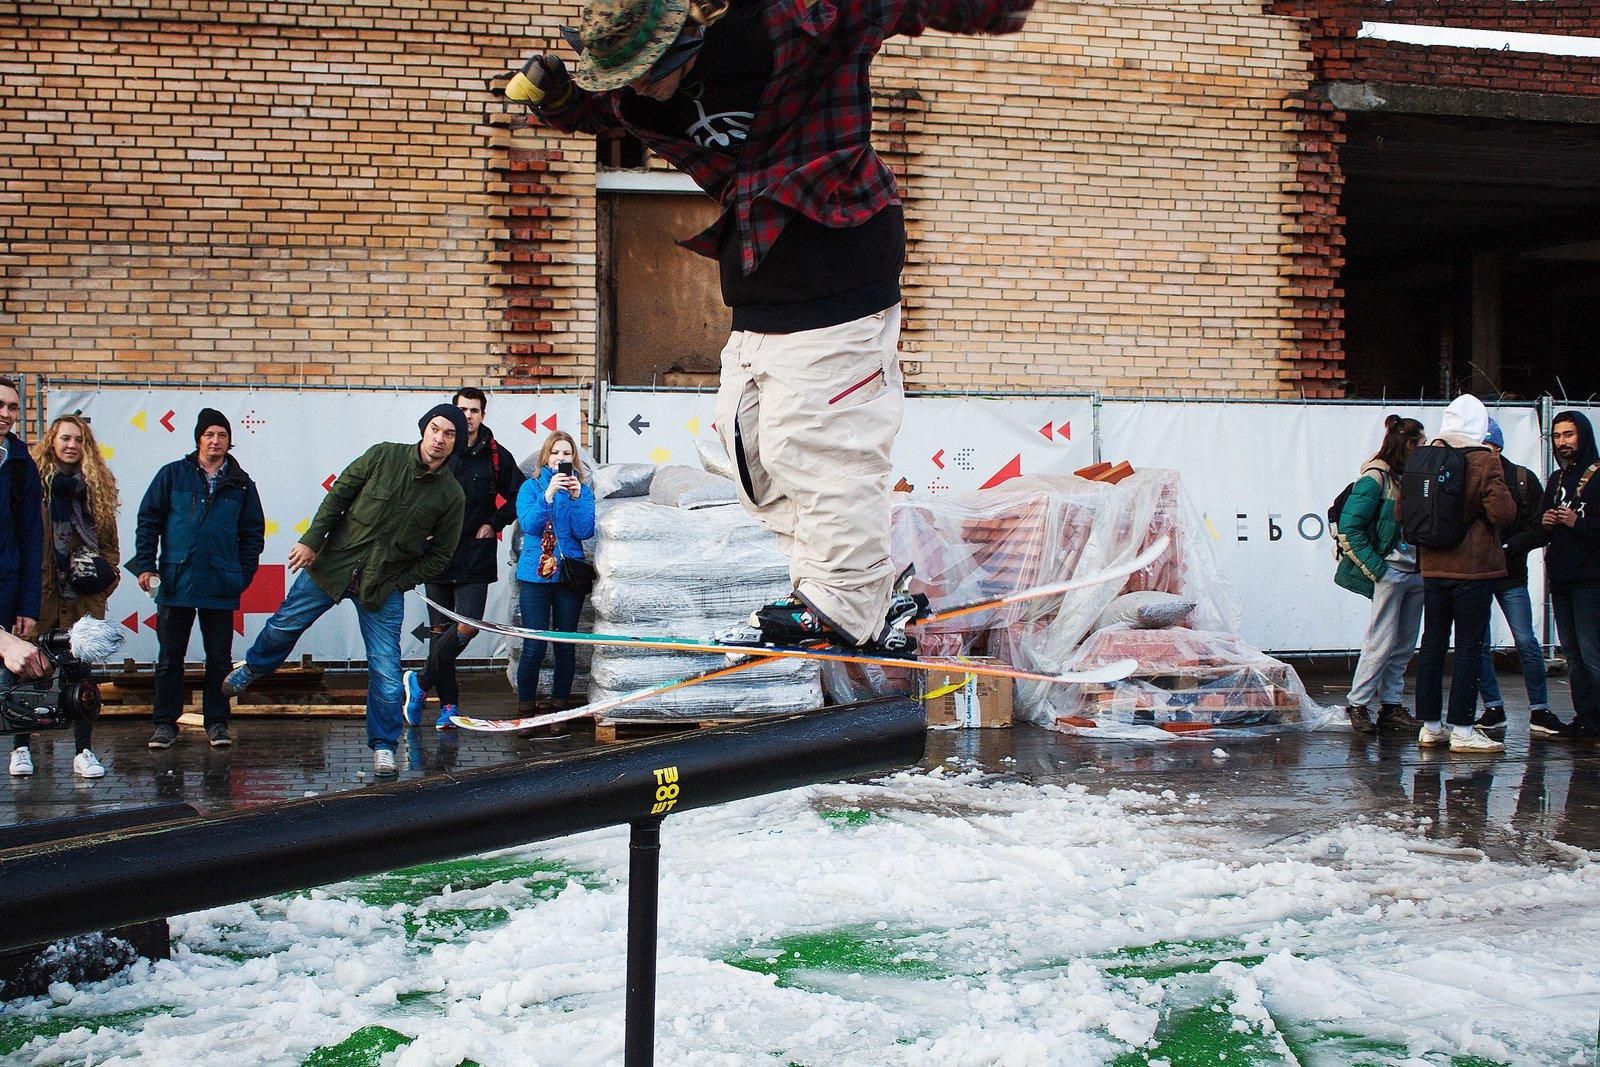 autumn fun ski contest in mocsow